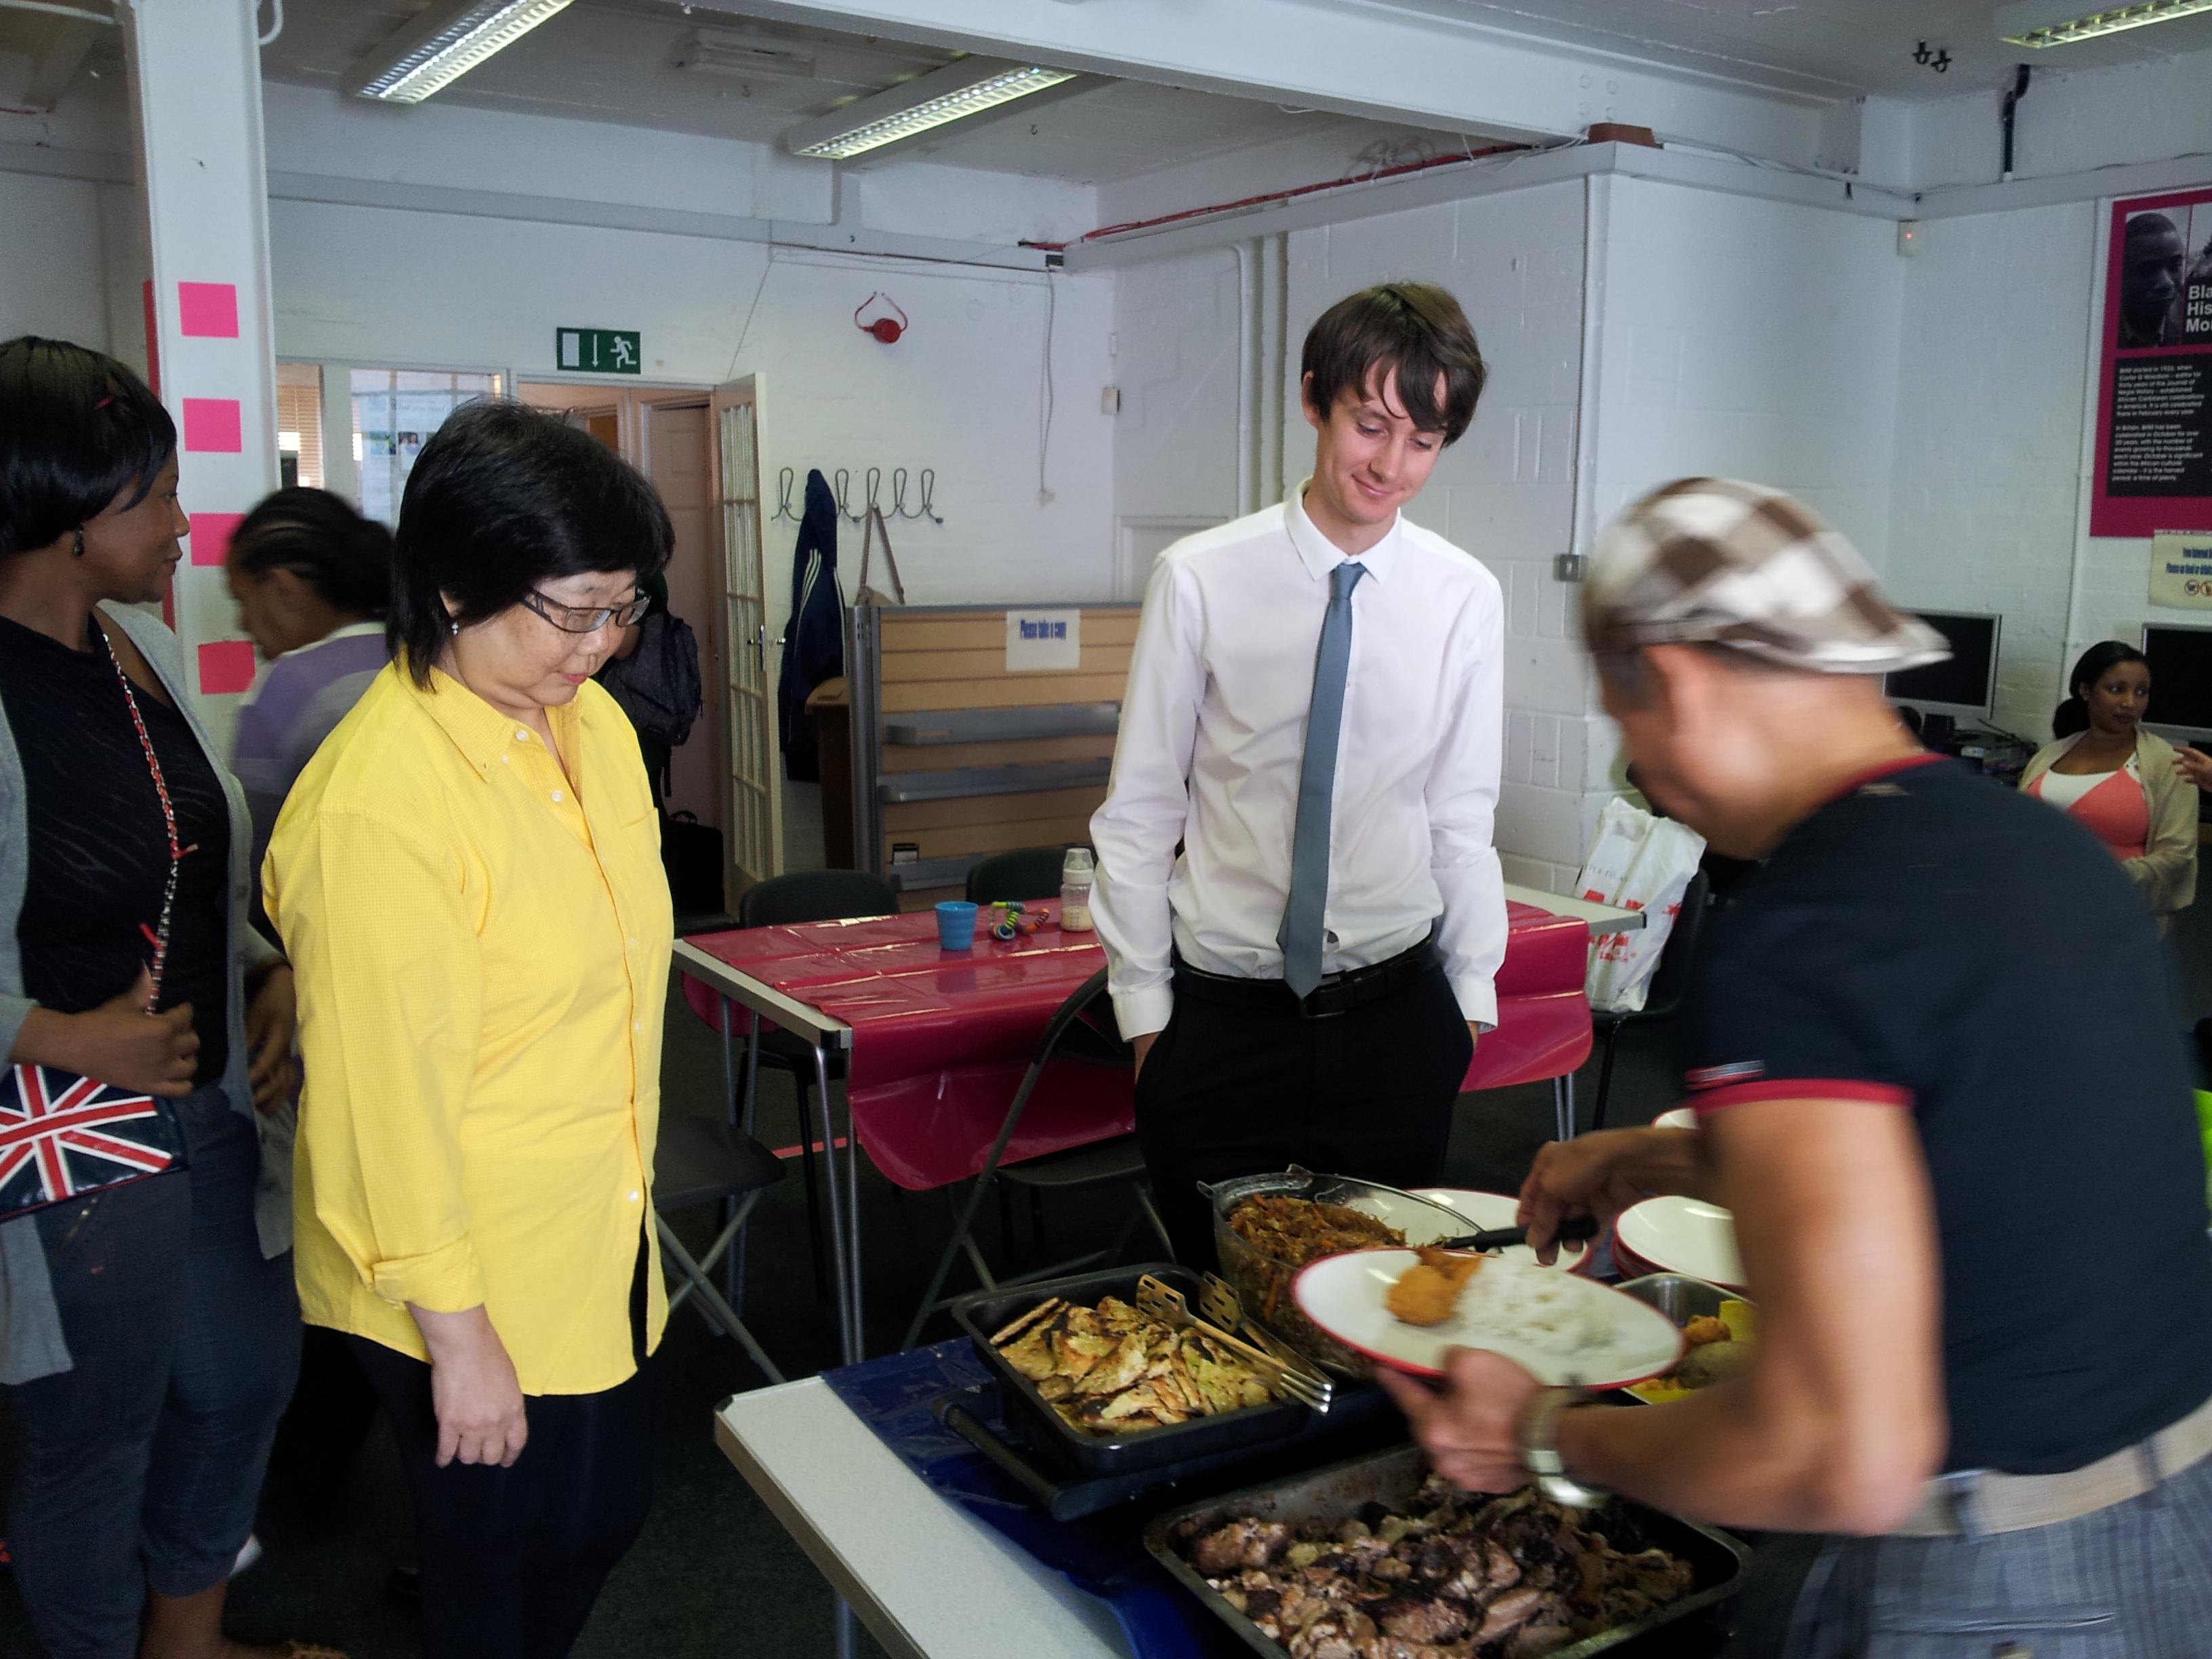 2012 community cuisines 2012 (29)